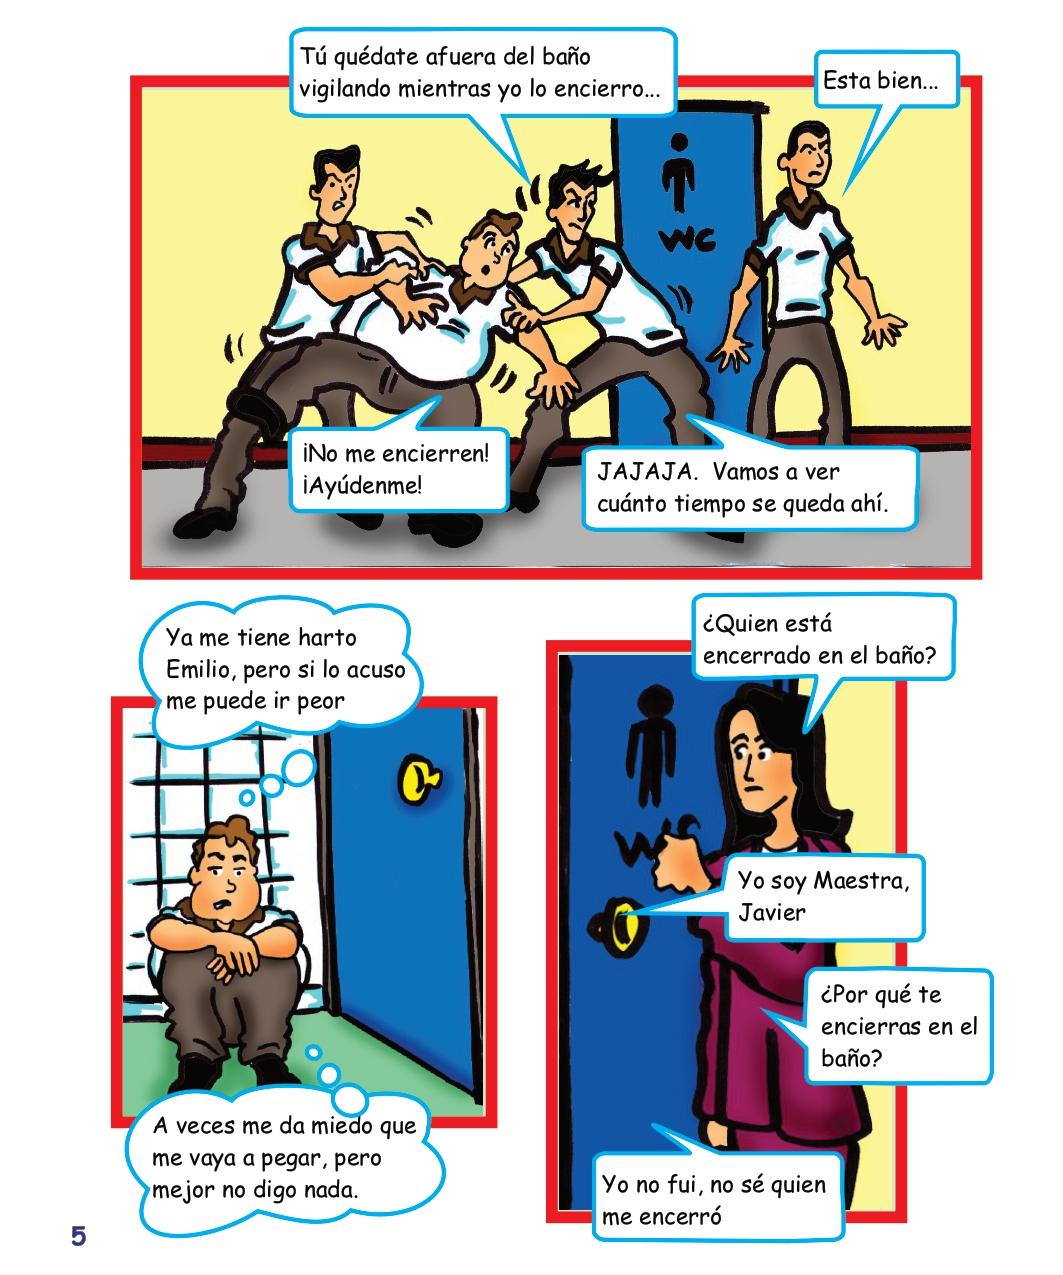 Psicología adolescentes Reyhan cap3 digital_page-0008